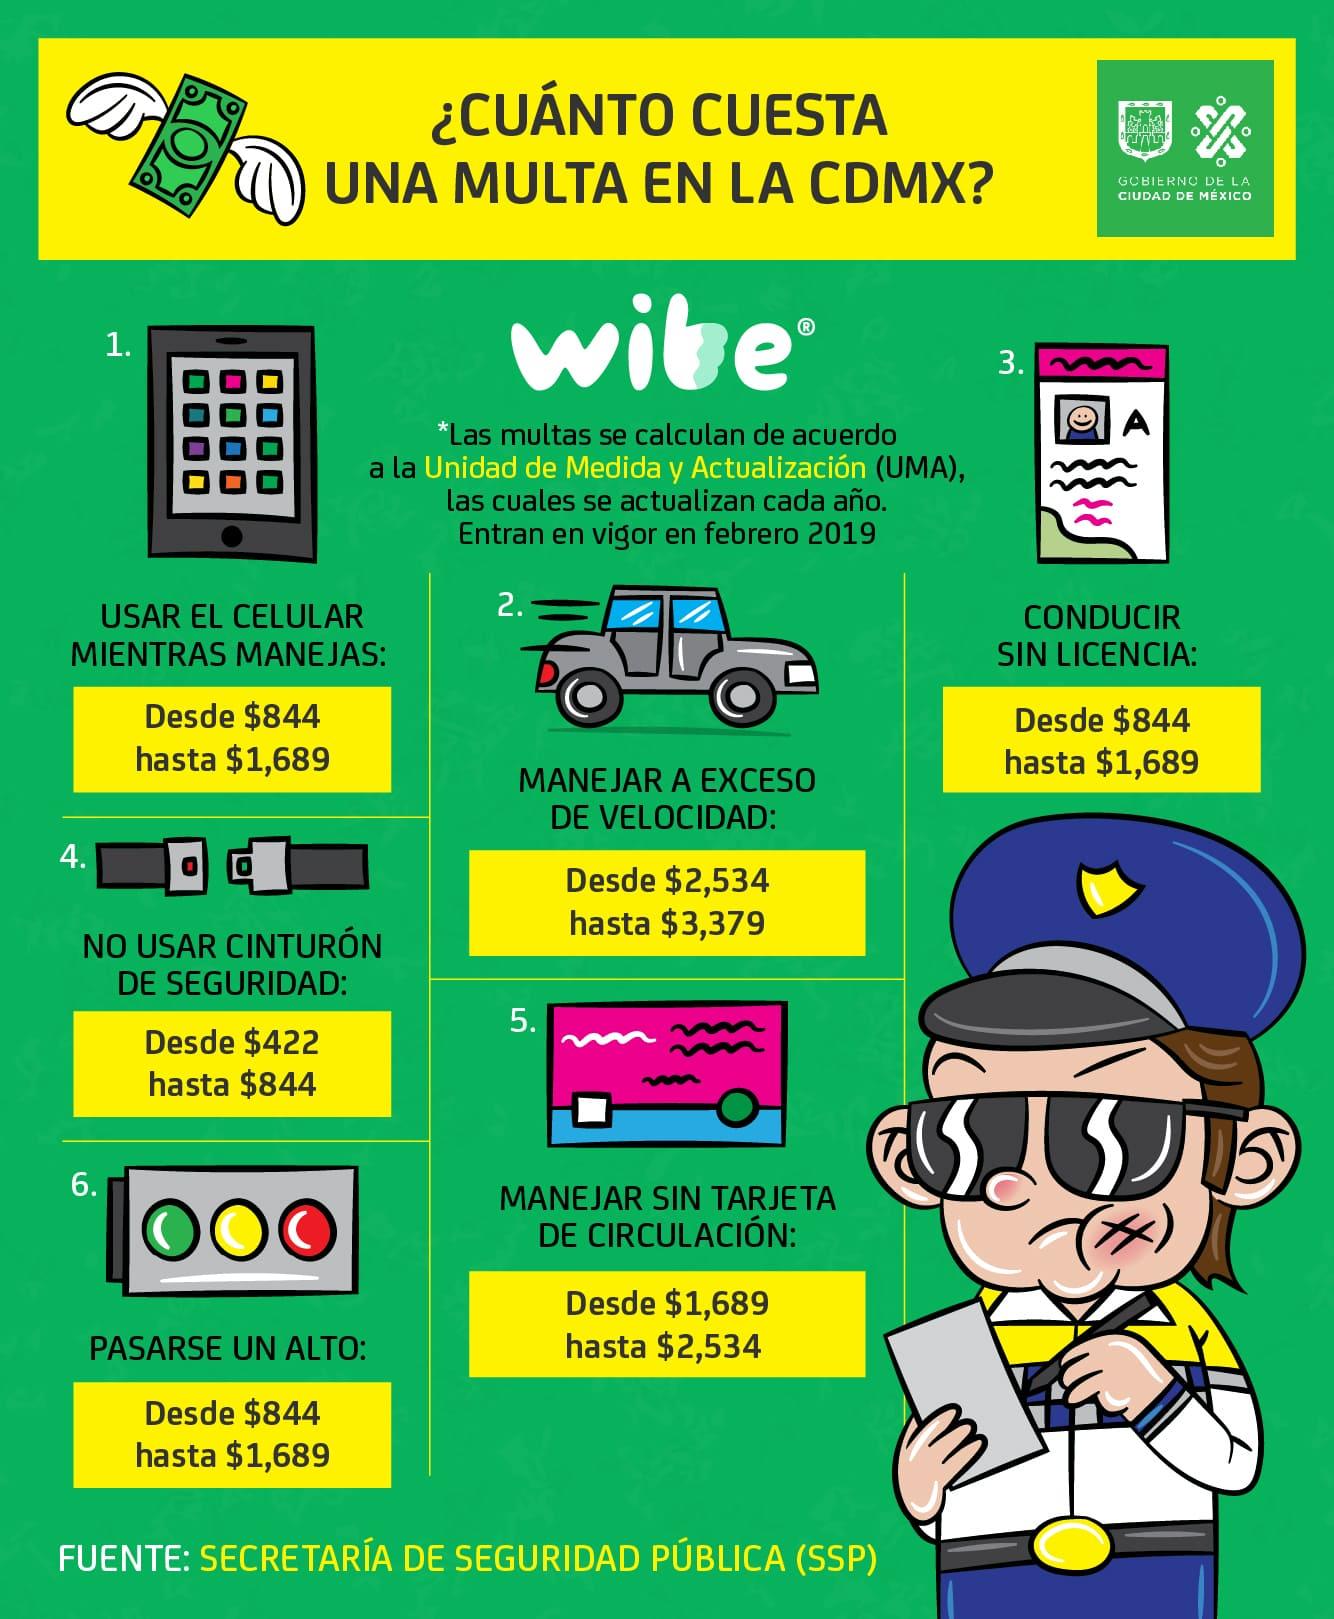 multas de tránsito en la cdmx, nuevos montos multas cdmx 2019, ajustes multas de tránsito en la ciudad de México, unidad de medida y actualización, uma